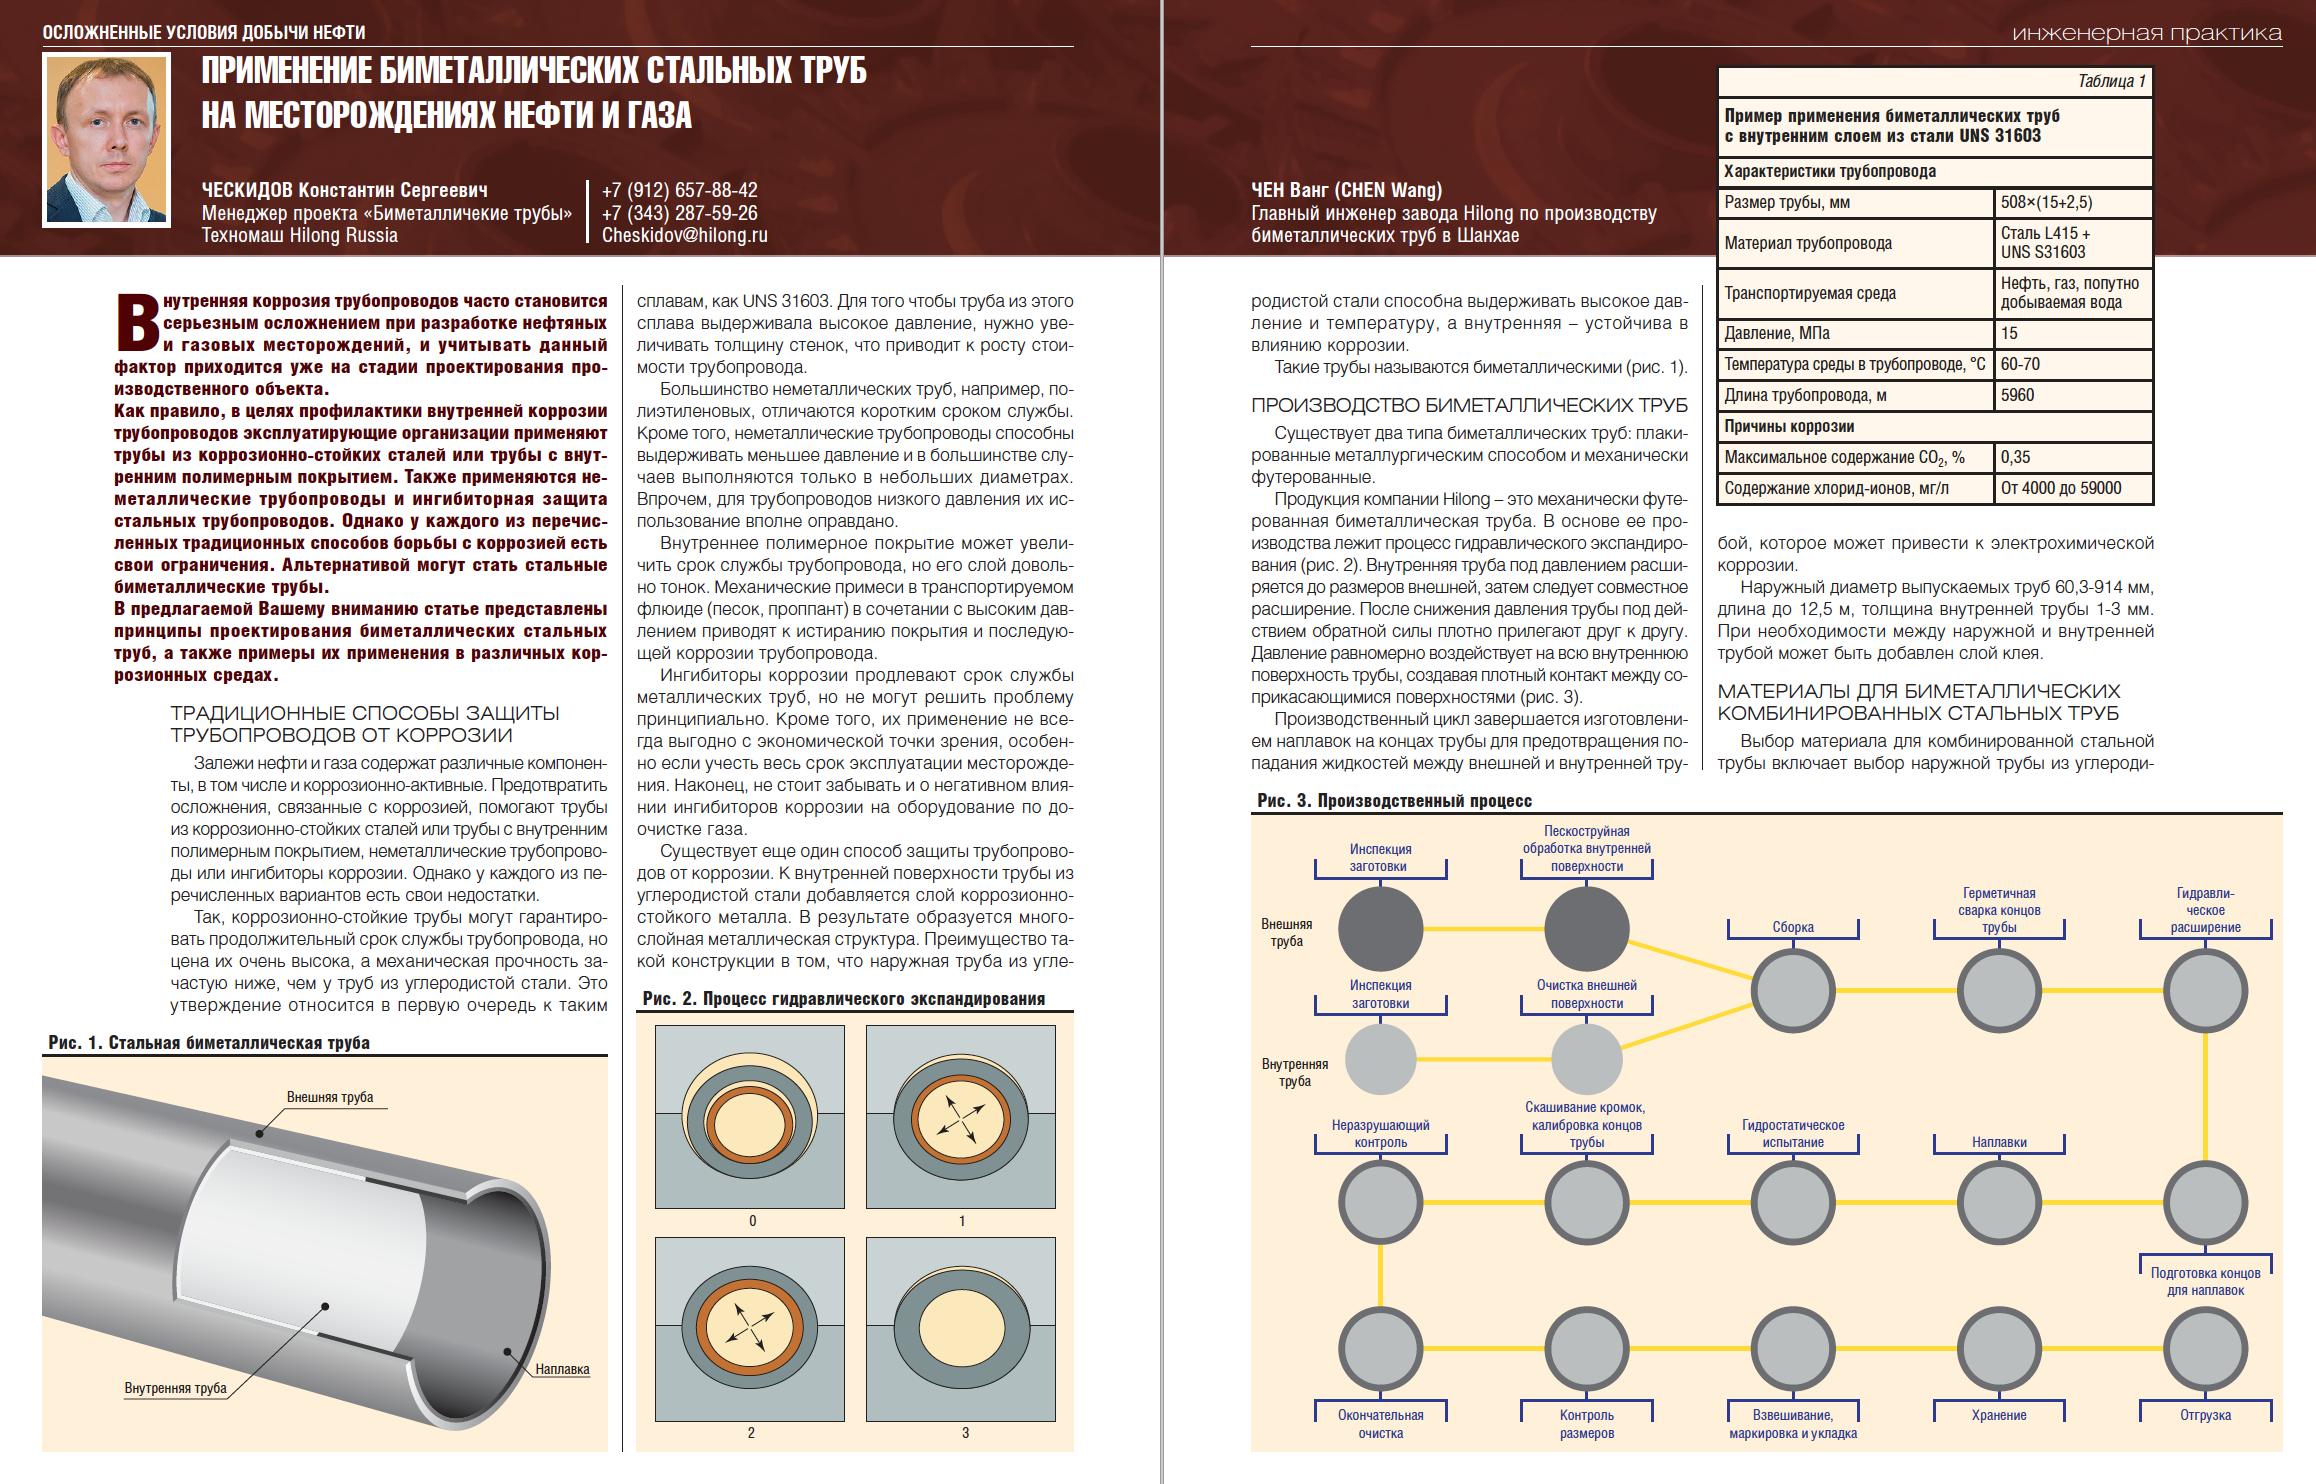 29841 Применение биметаллических стальных труб на месторождениях нефти и газа